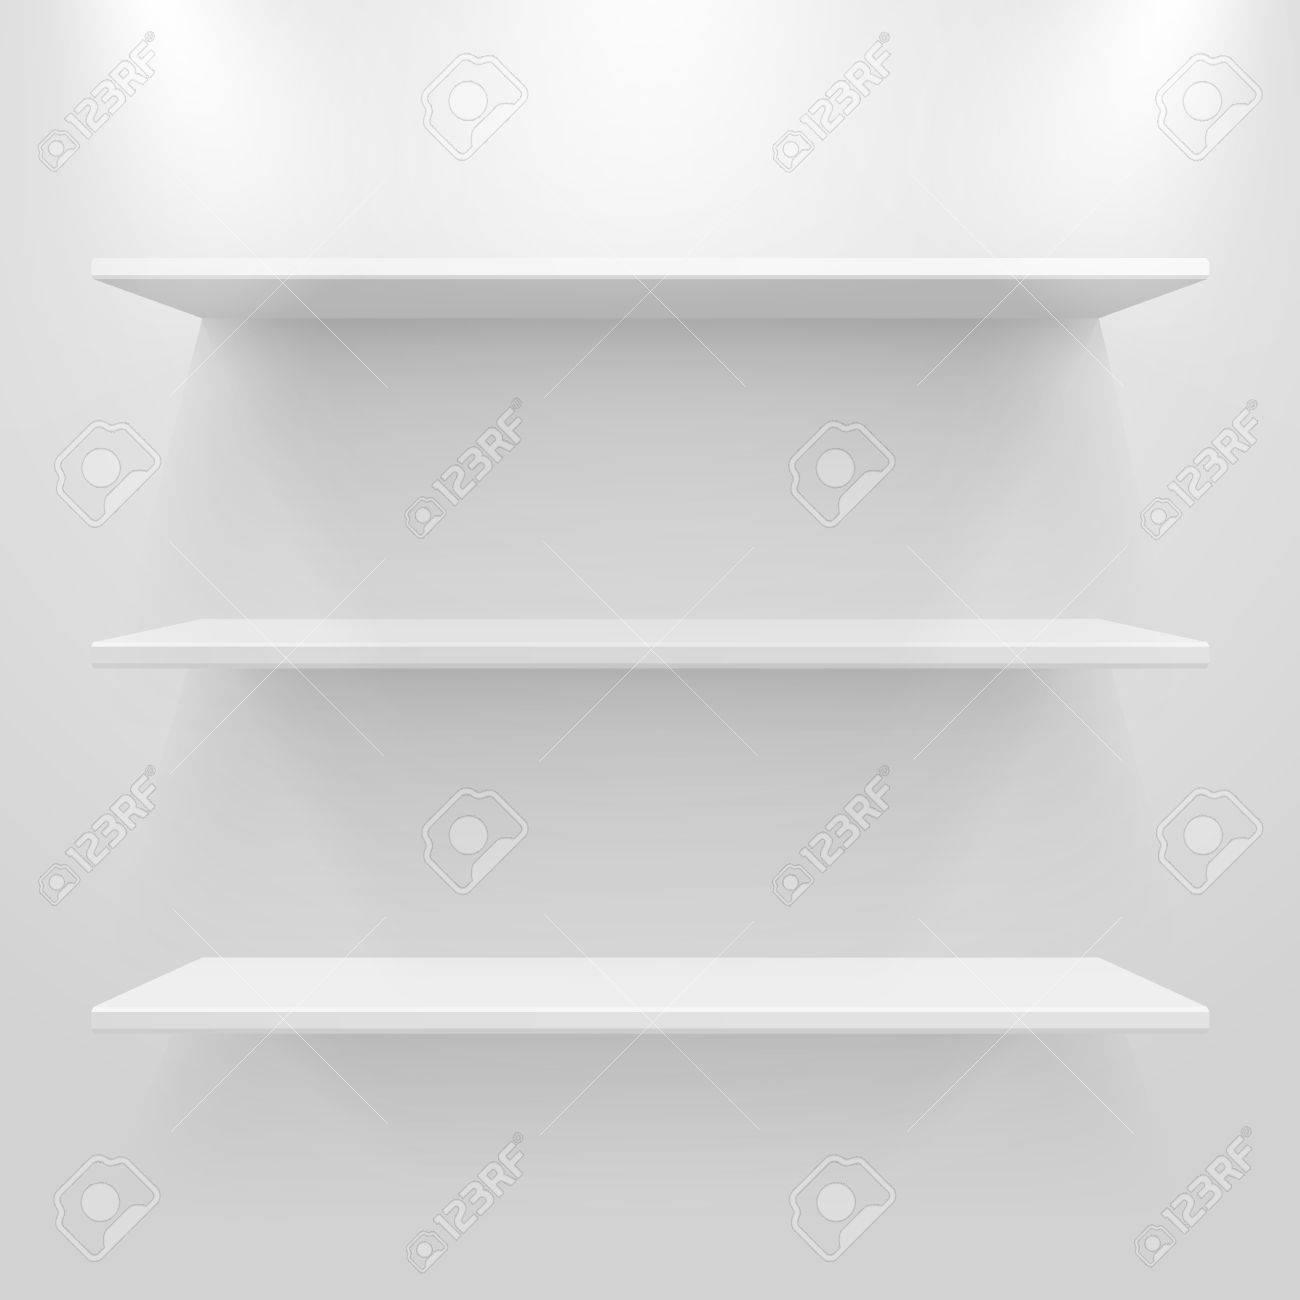 Full Size of Weiße Regale Leere Weie Auf Hellgrauem Hintergrund Lizenzfrei Nutzbare Aus Europaletten Günstige Weiß Obi Kaufen Roller Bito Gebrauchte Schäfer Weißes Regal Weiße Regale